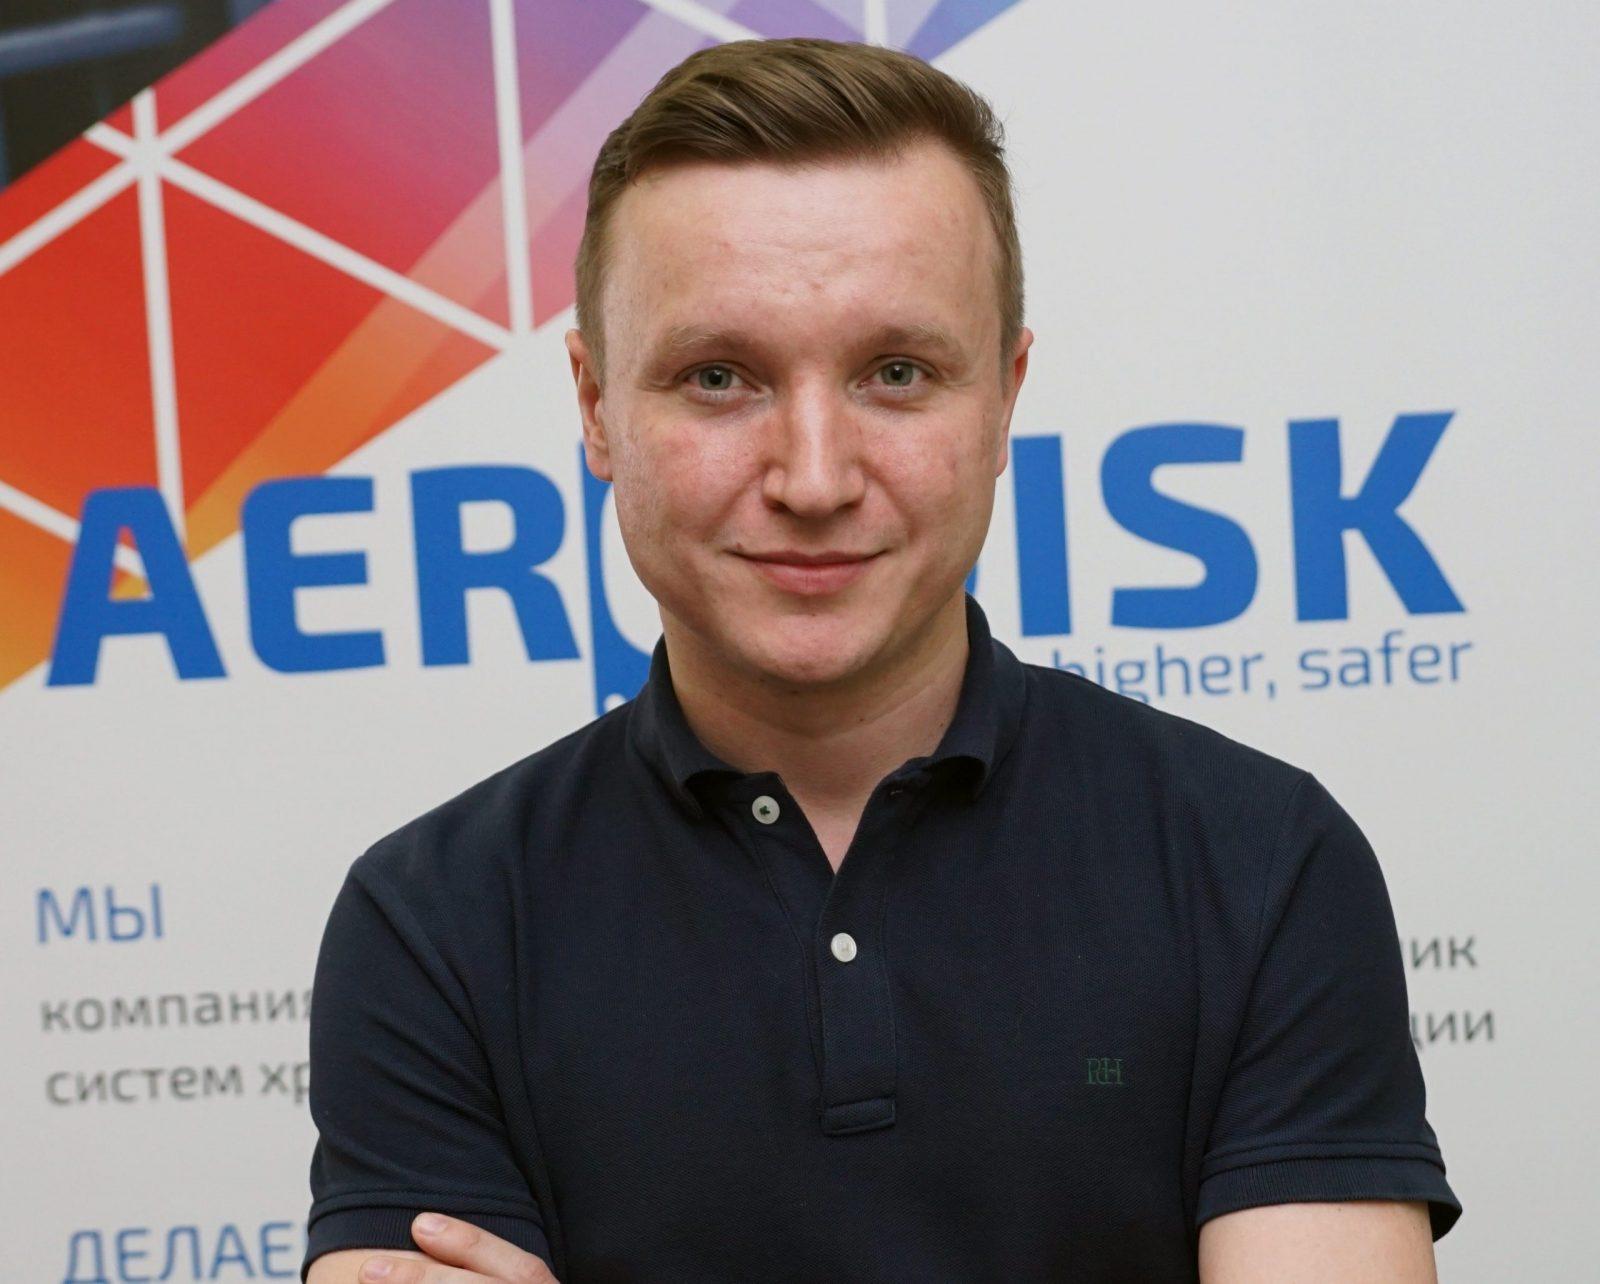 Стратегия 2030: российской электронике готовят светлое будущее?